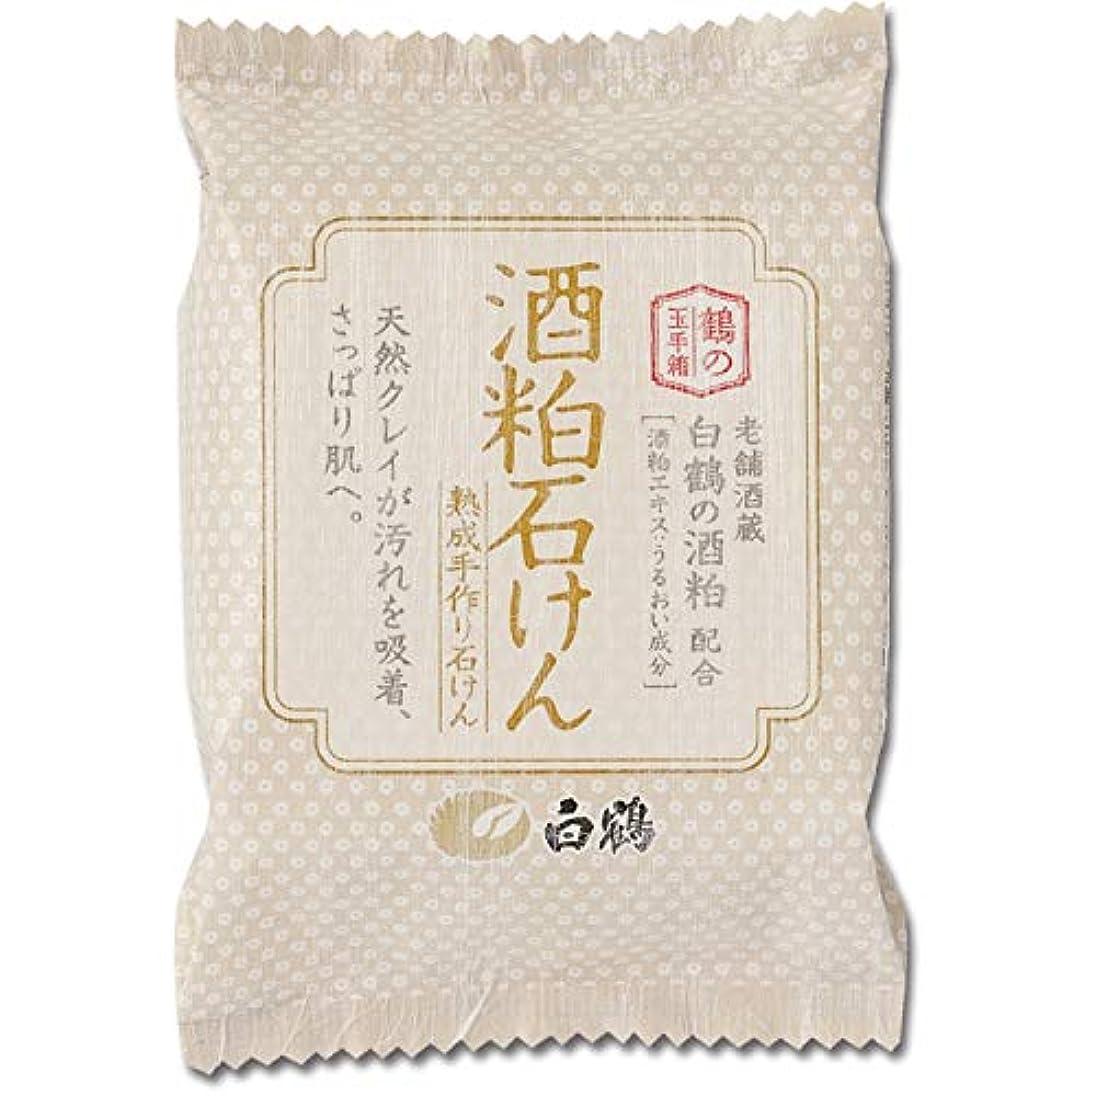 逆ダーツ風刺白鶴 鶴の玉手箱 酒粕石けん 100g (全身用石鹸)